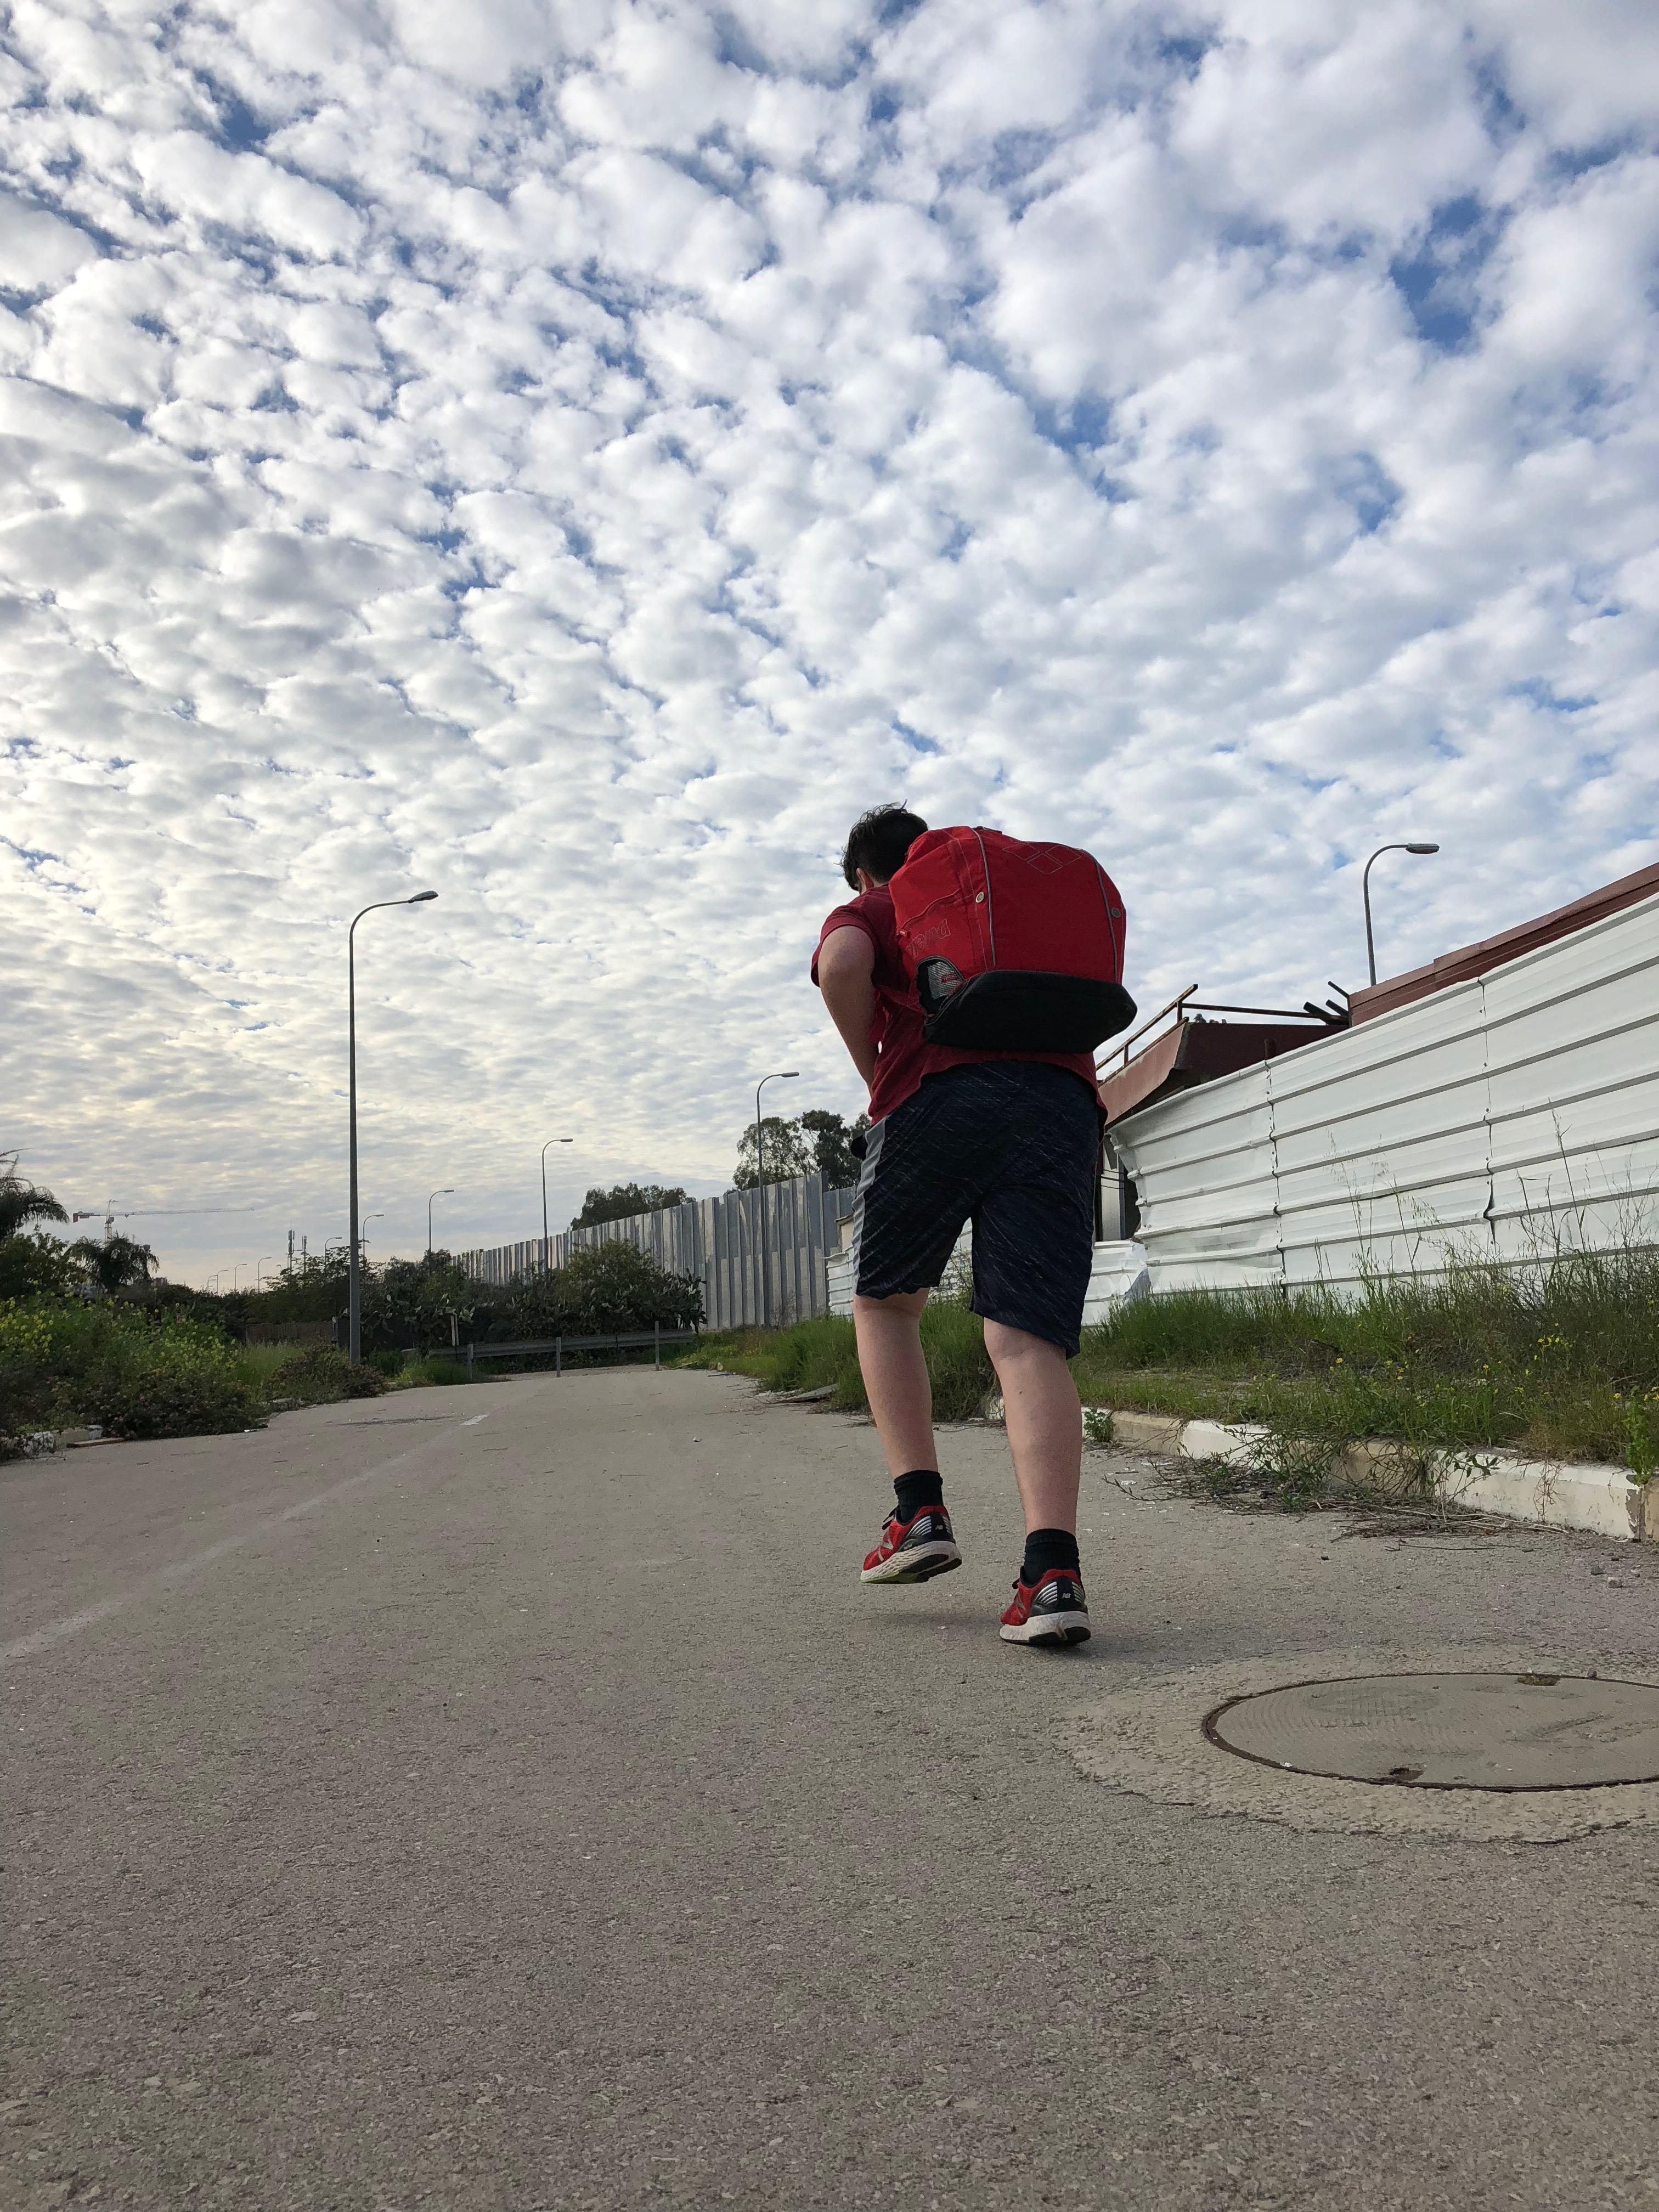 אימון סיירות עם תיקים על הגב